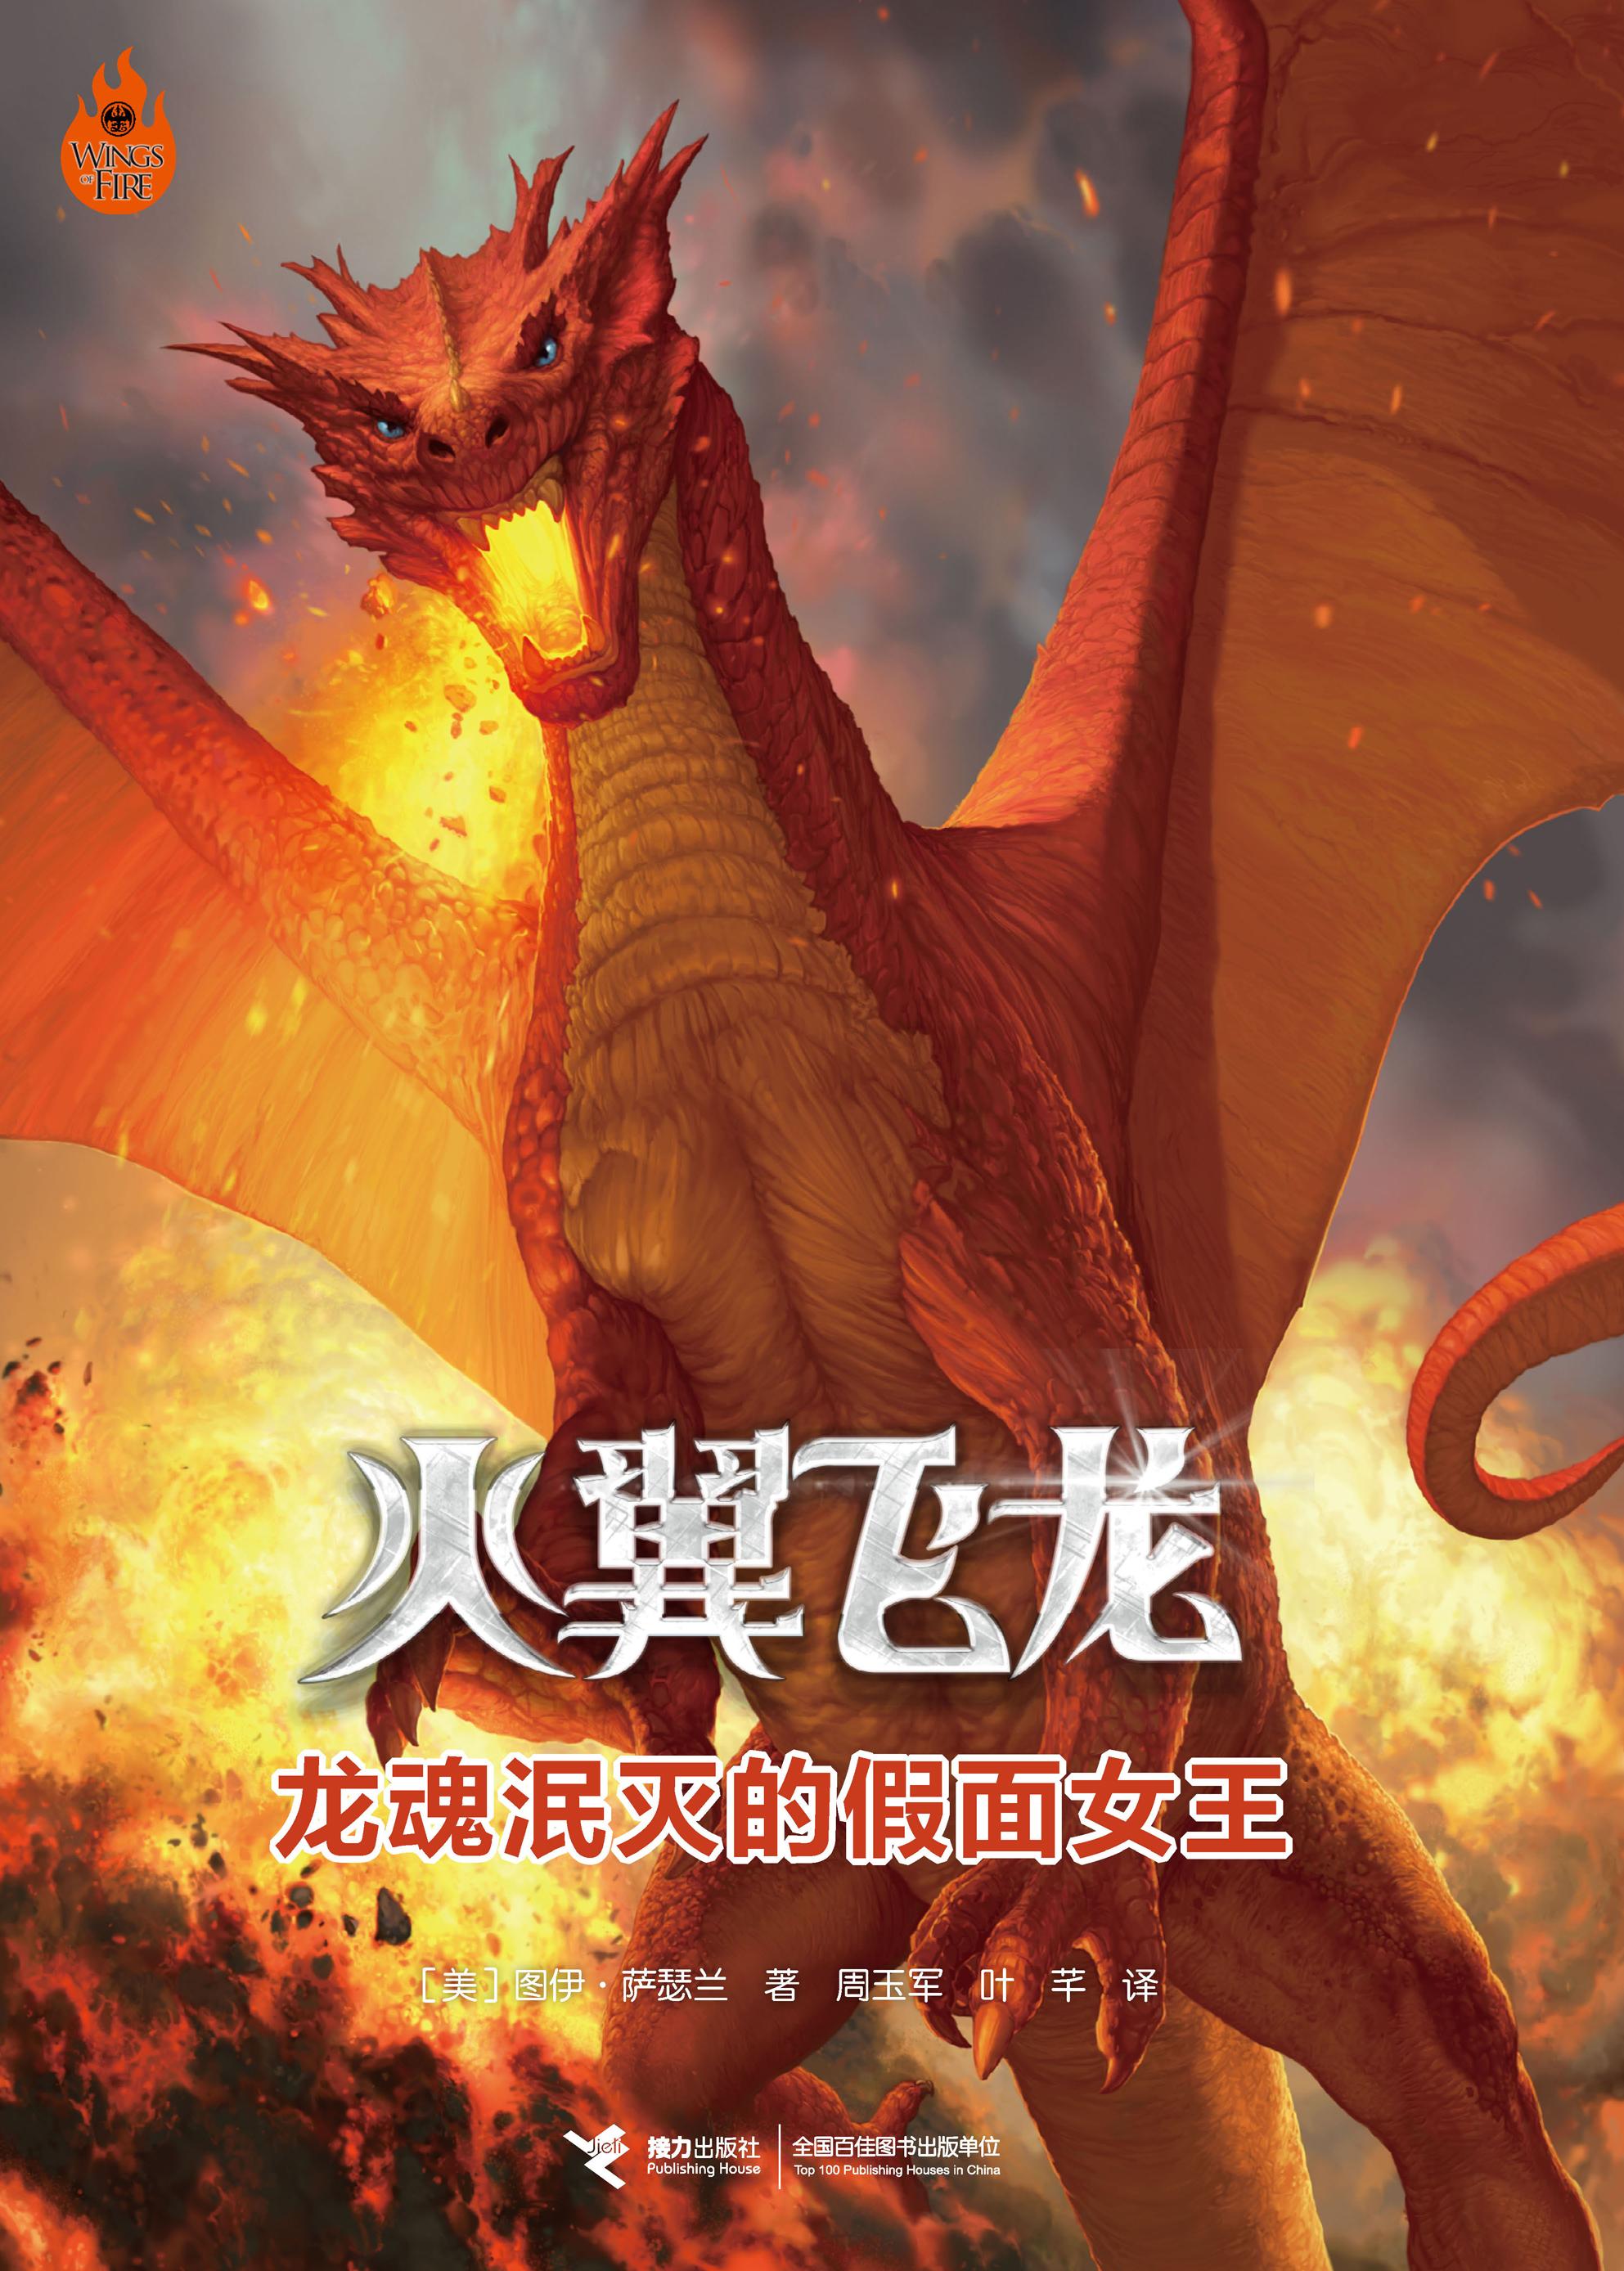 Wings of Fire 8 CN